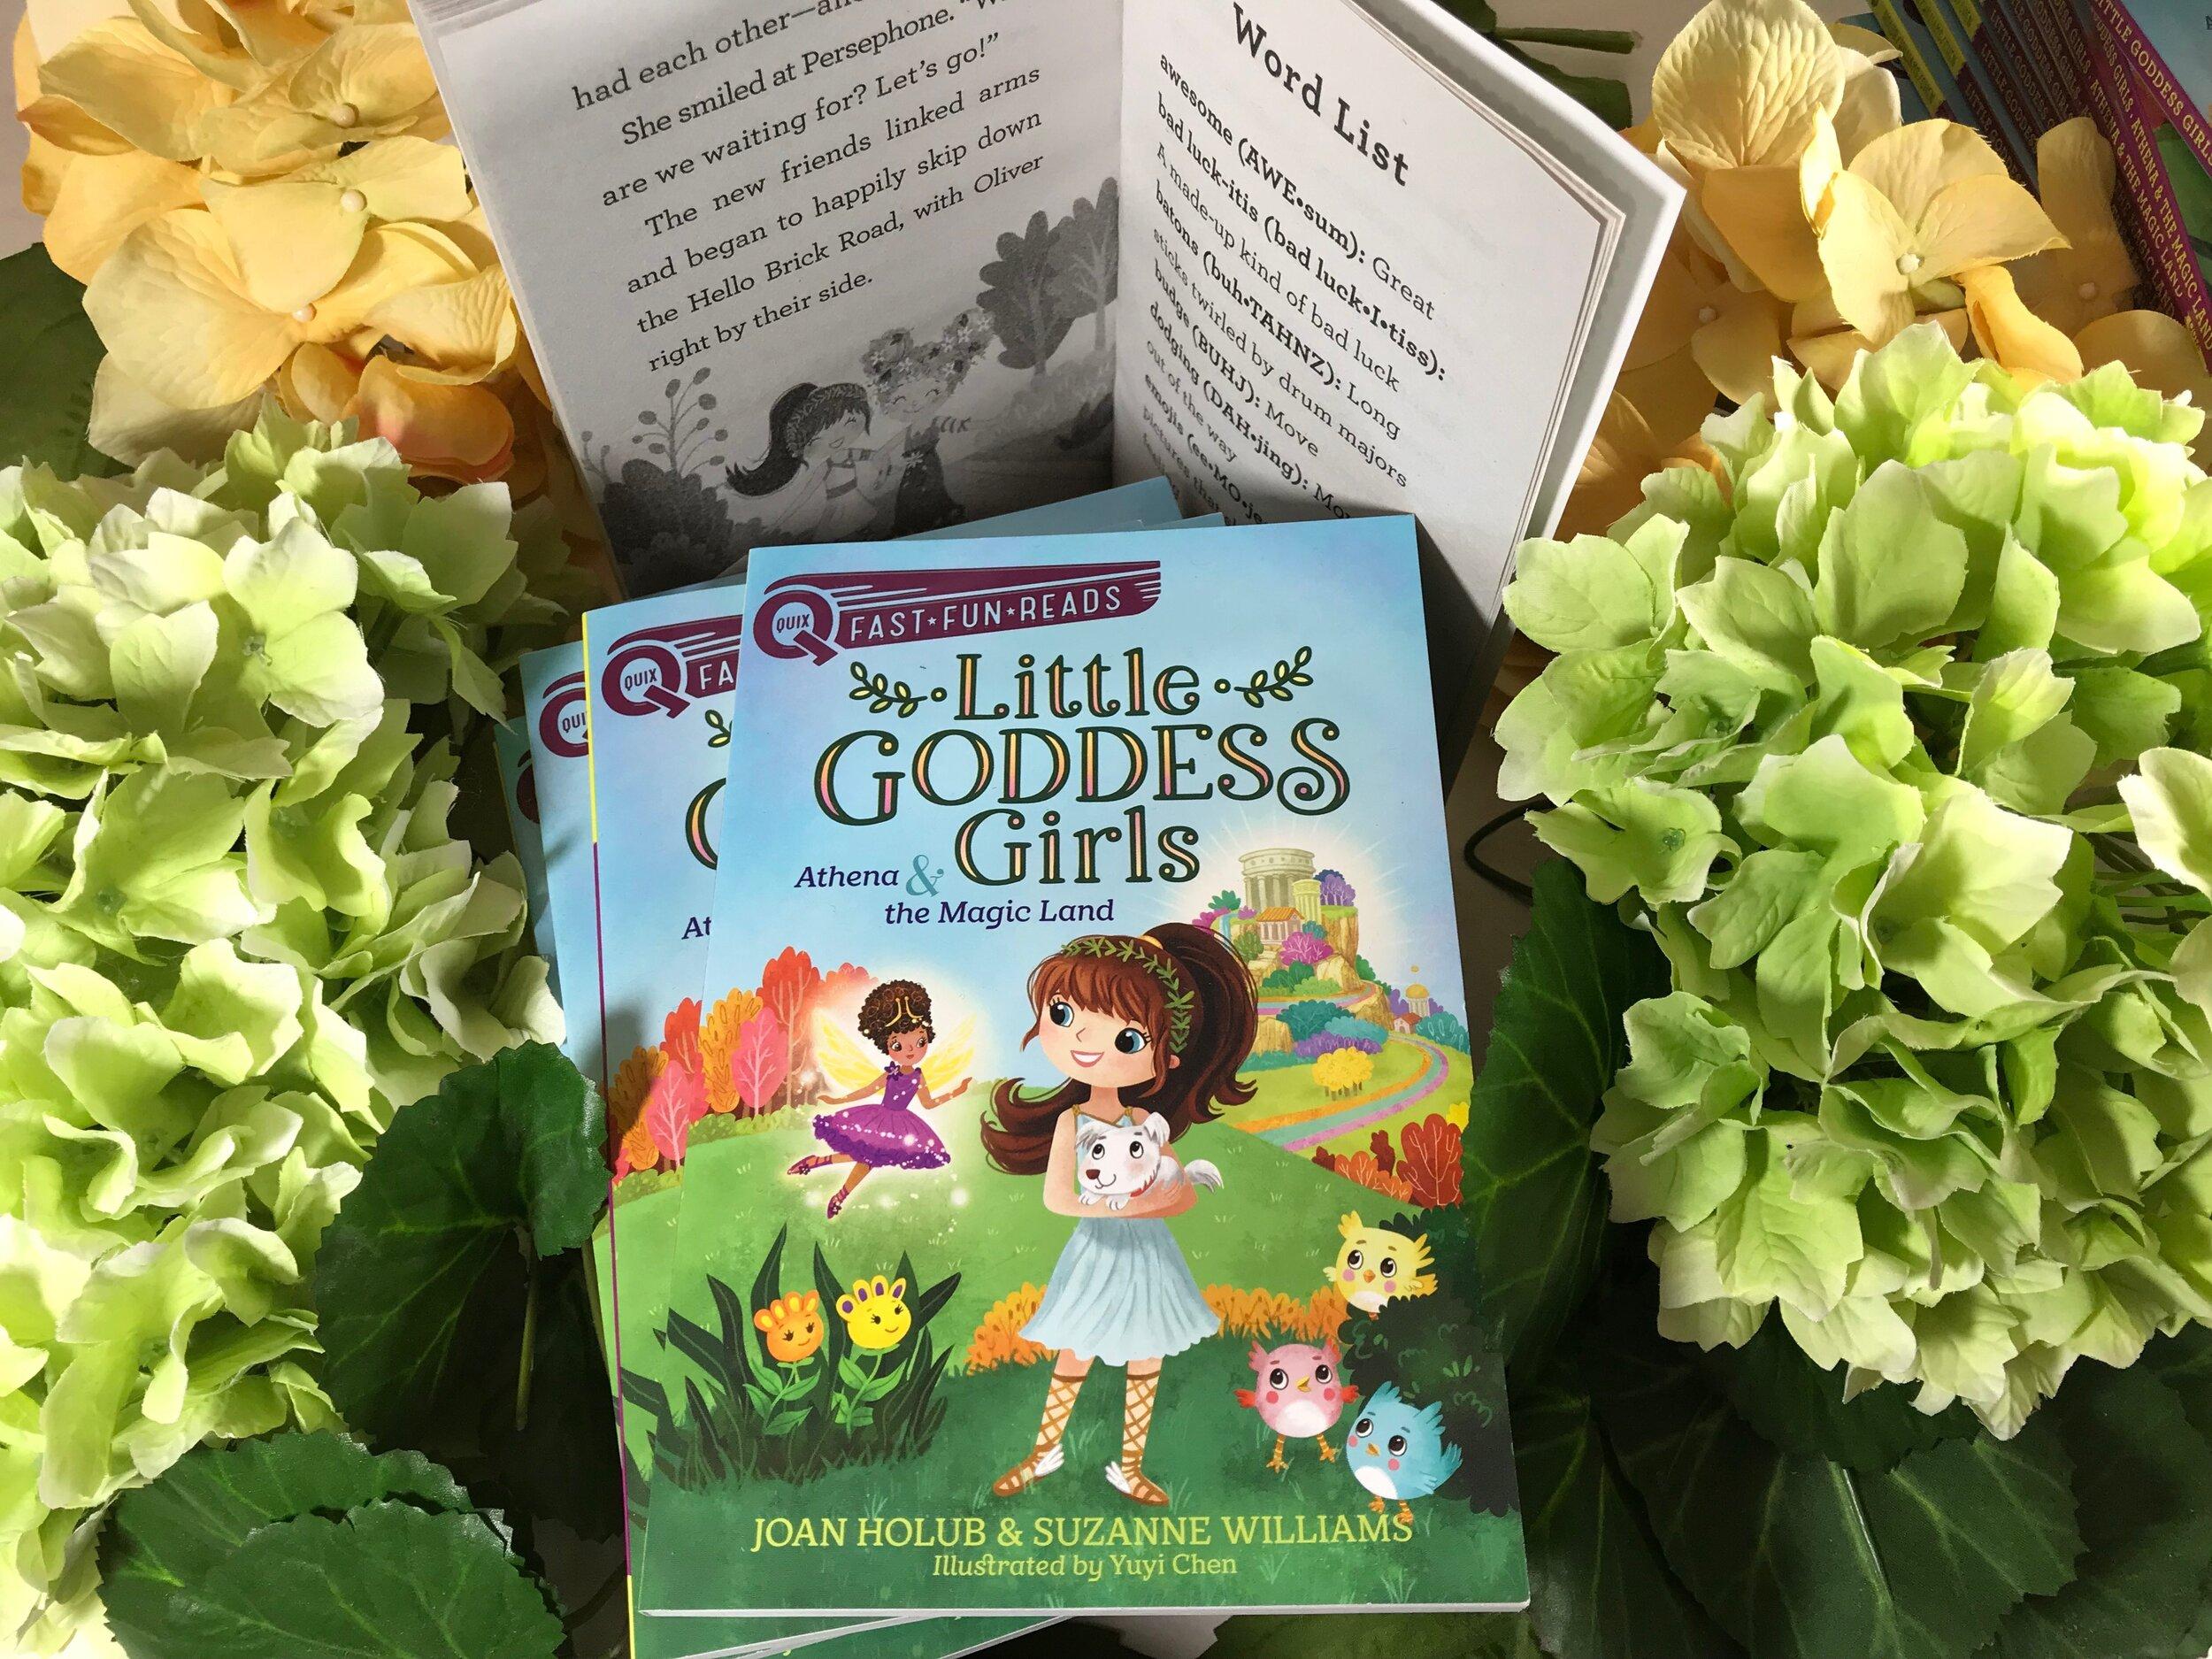 Little Goddess Girls book series, ages 5-8